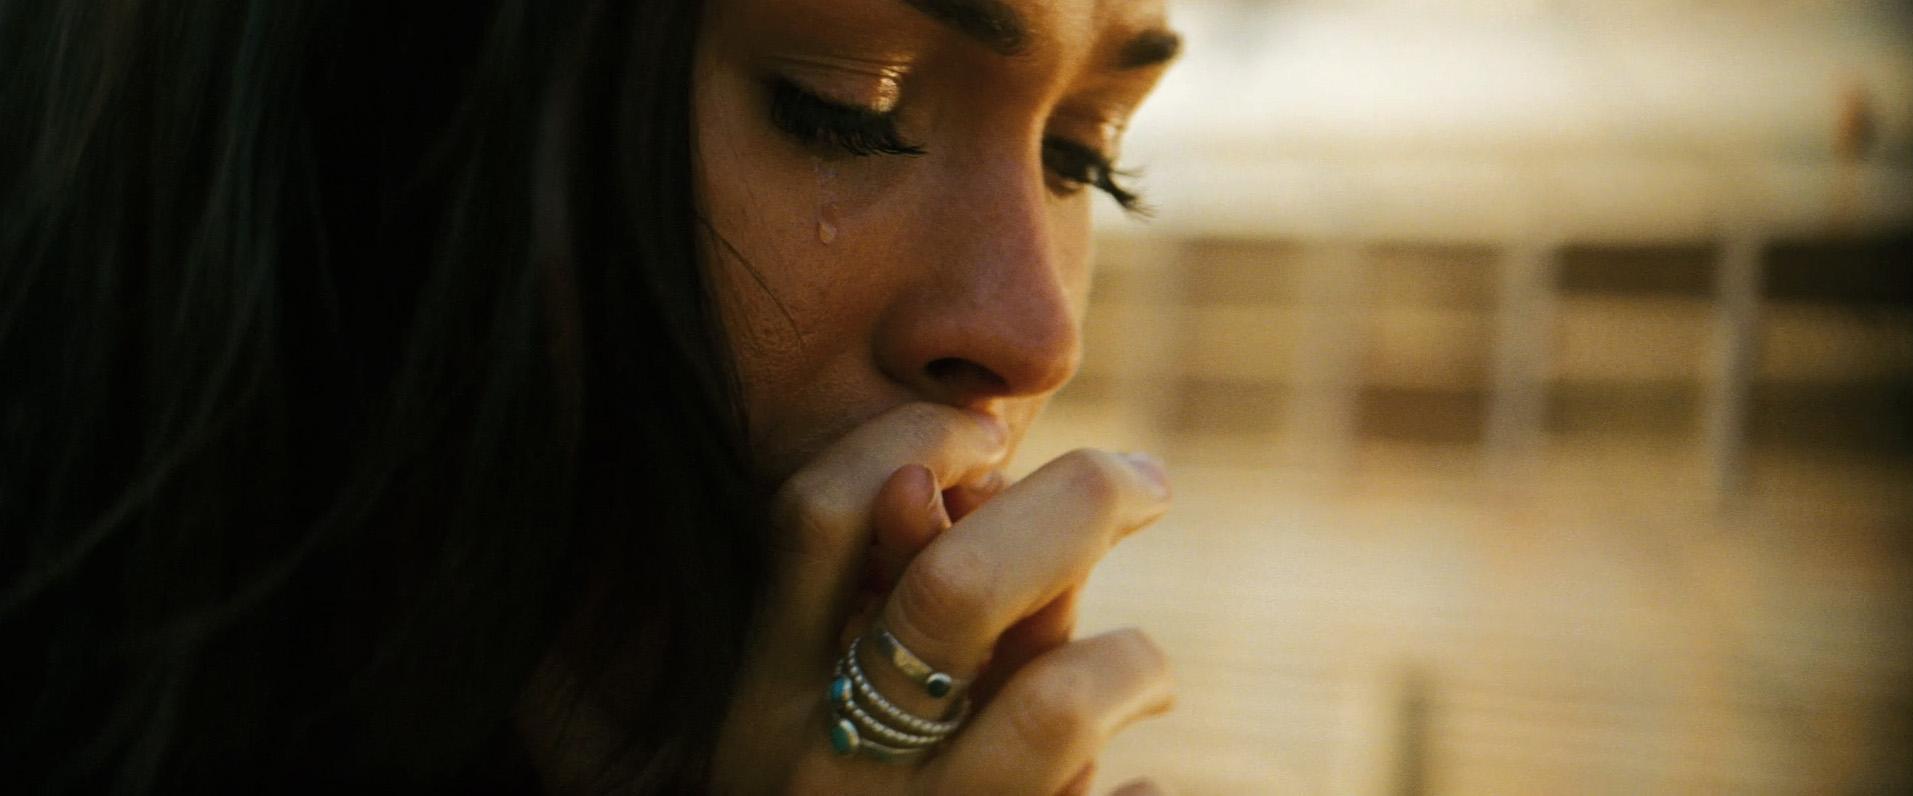 Фото девушка на полу плачет